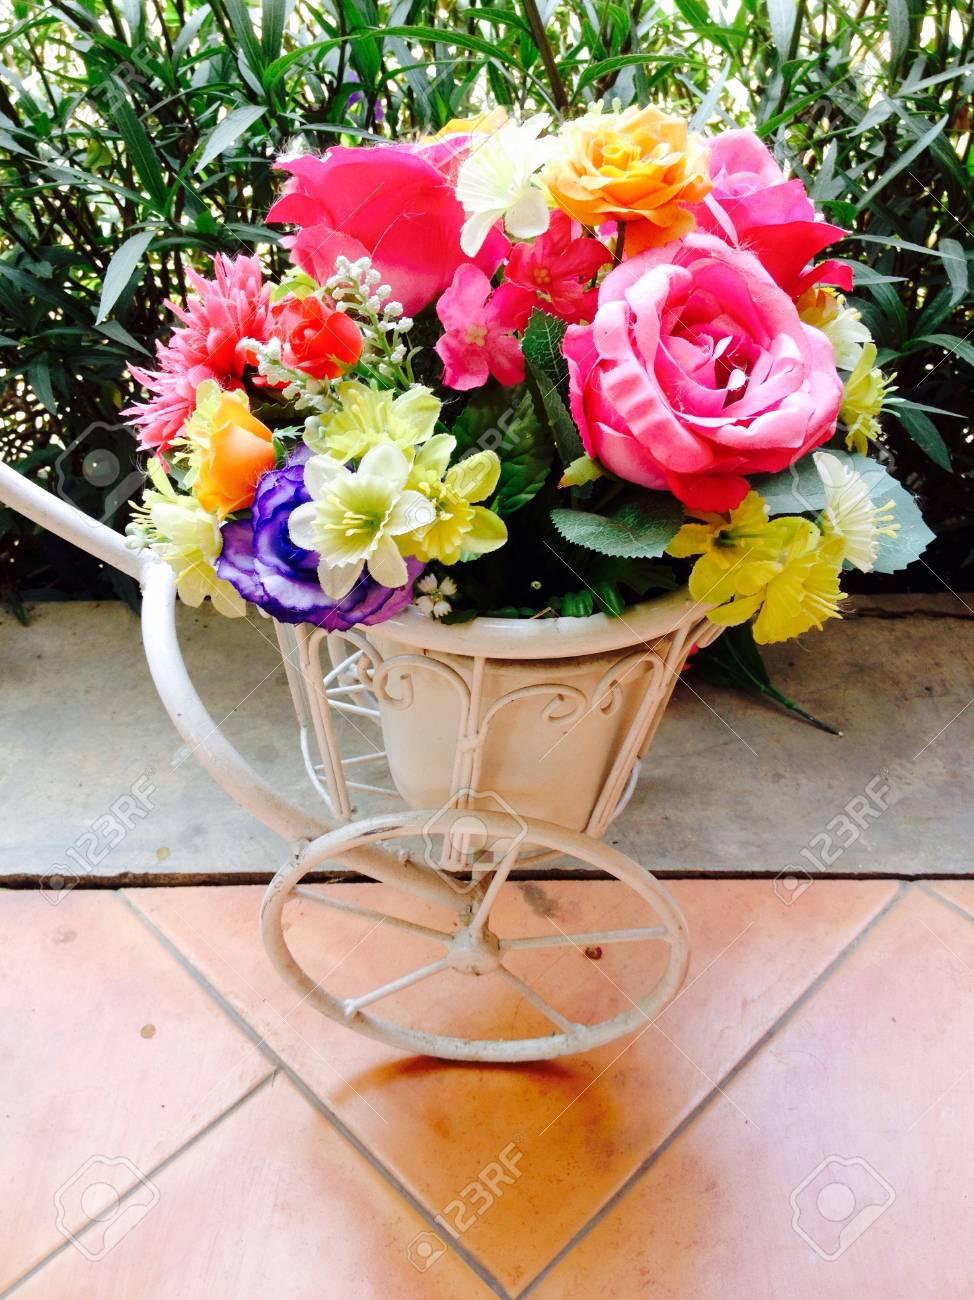 Wunderbar Lebensmittelfarbe Und Blumen Fotos - Druckbare Malvorlagen ...